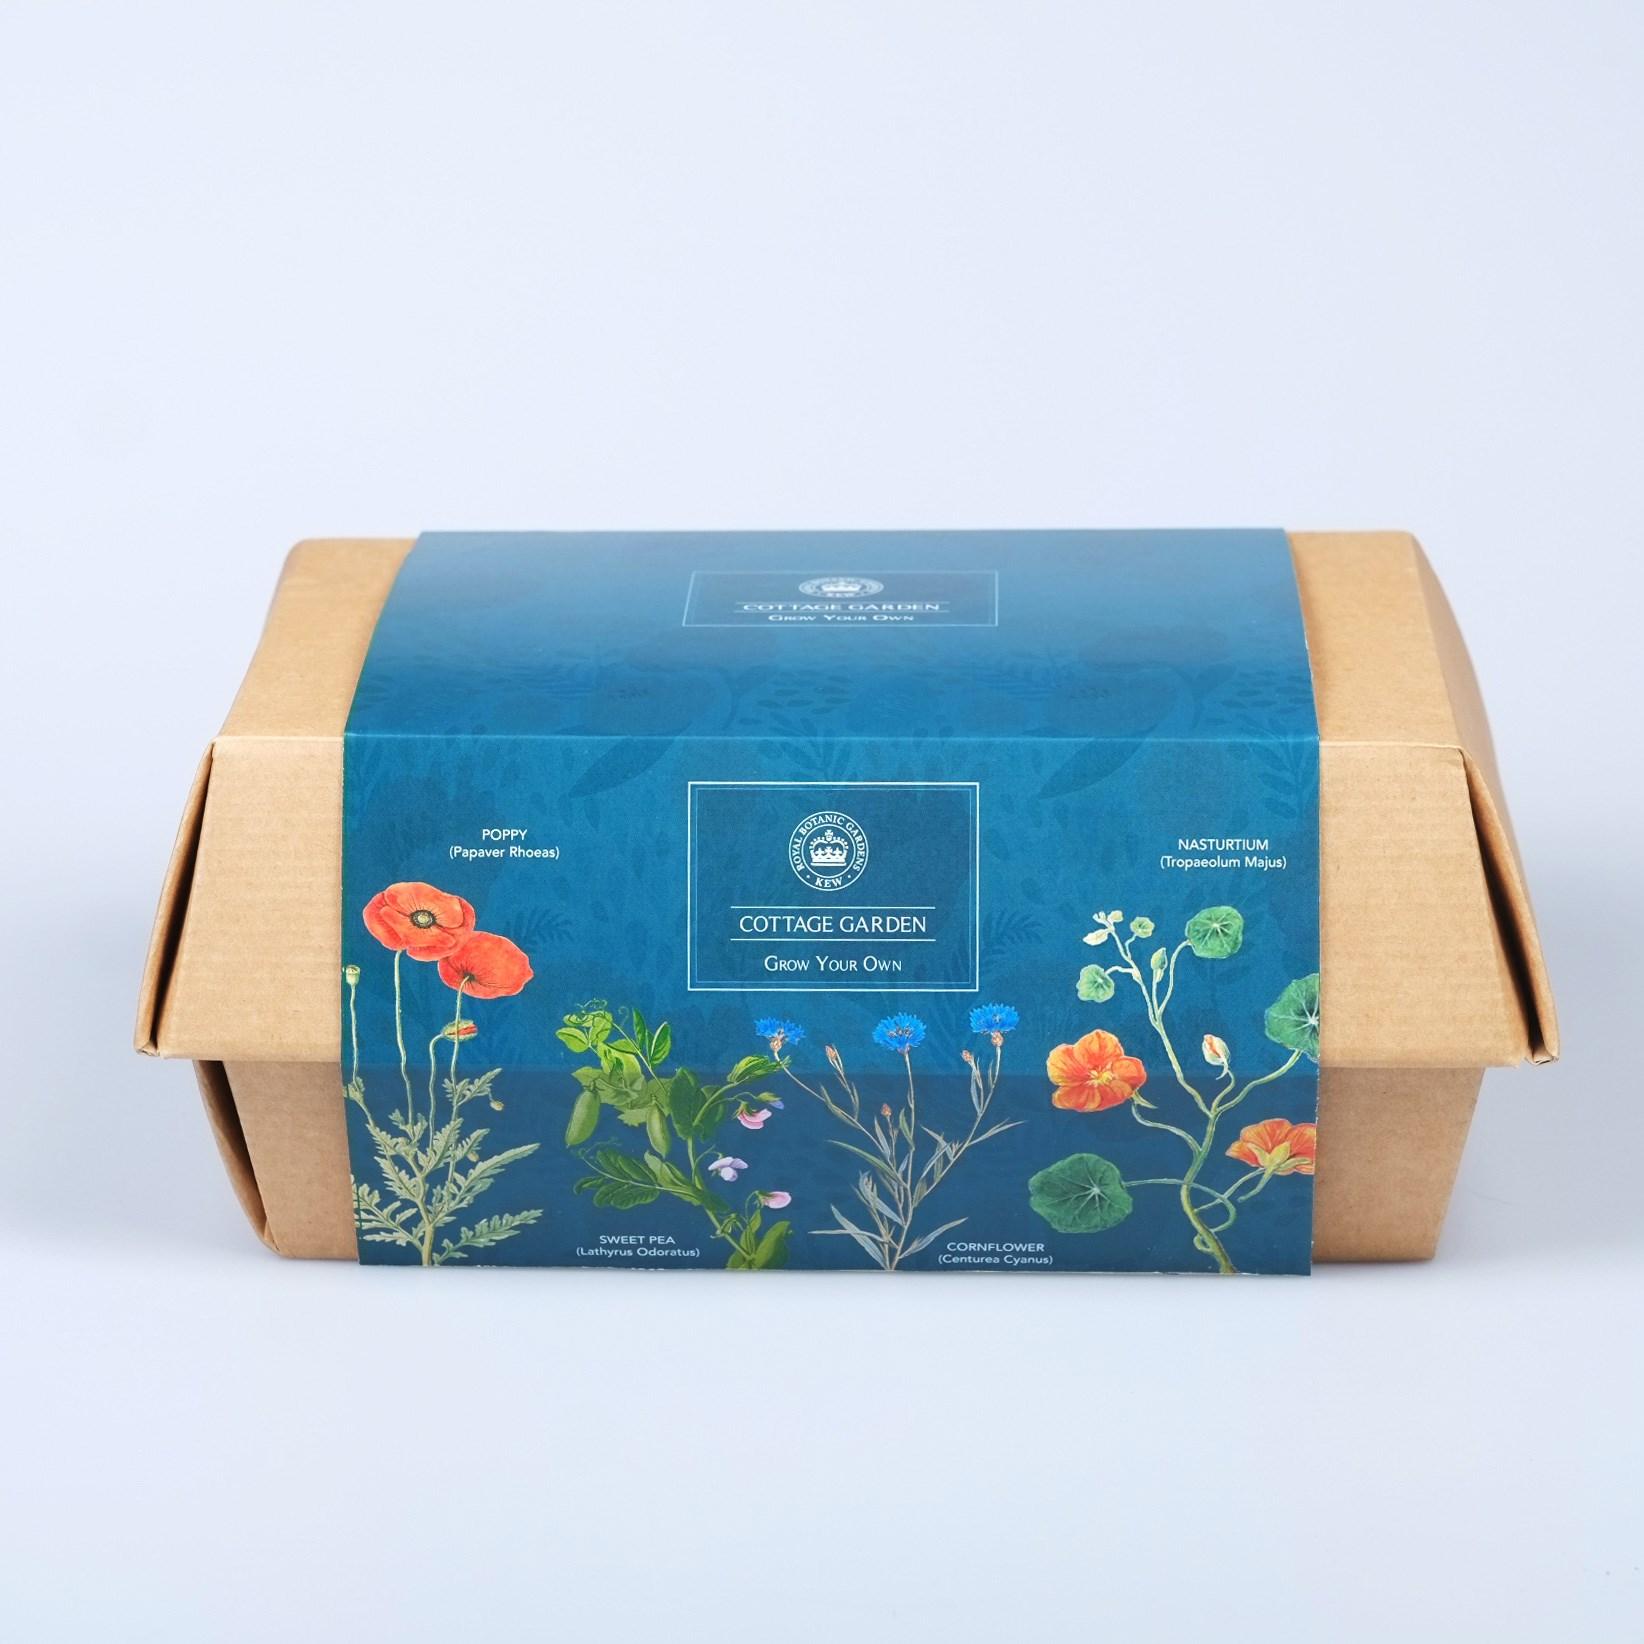 Kew grow your own cottage garden boxset